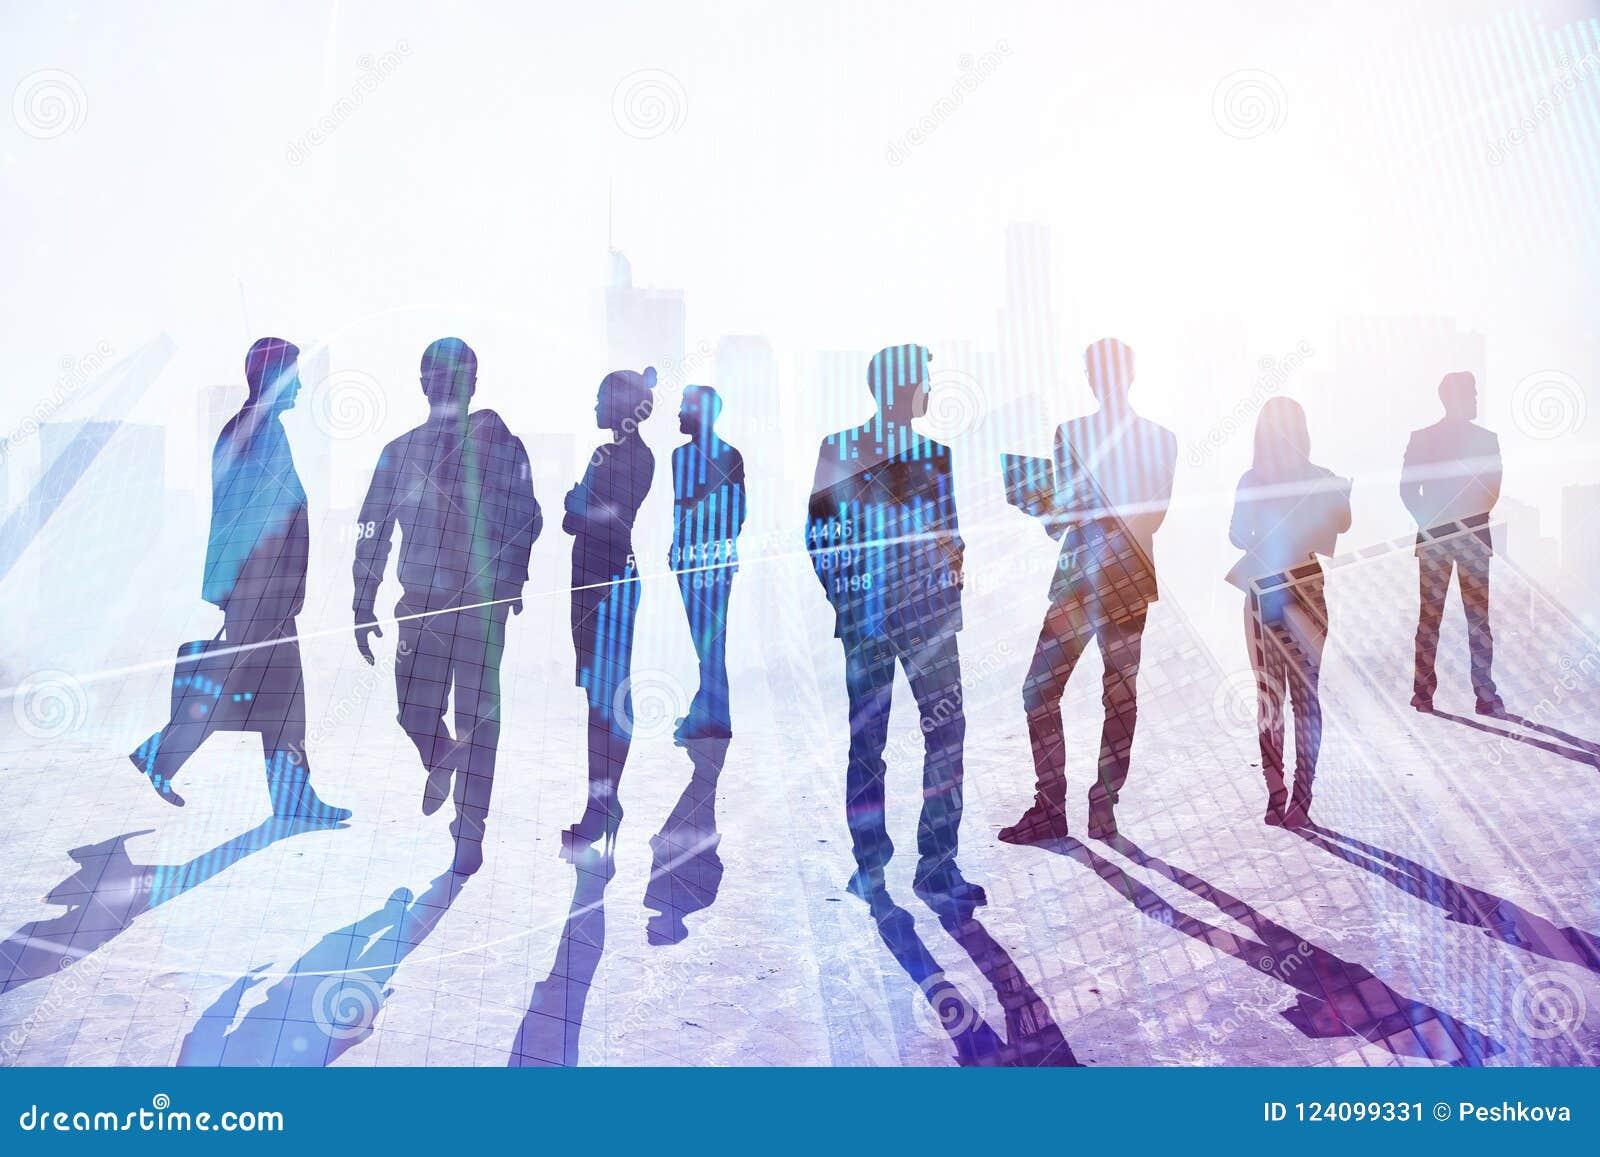 Teamwork-, Erfolgs- und Besetzungskonzept